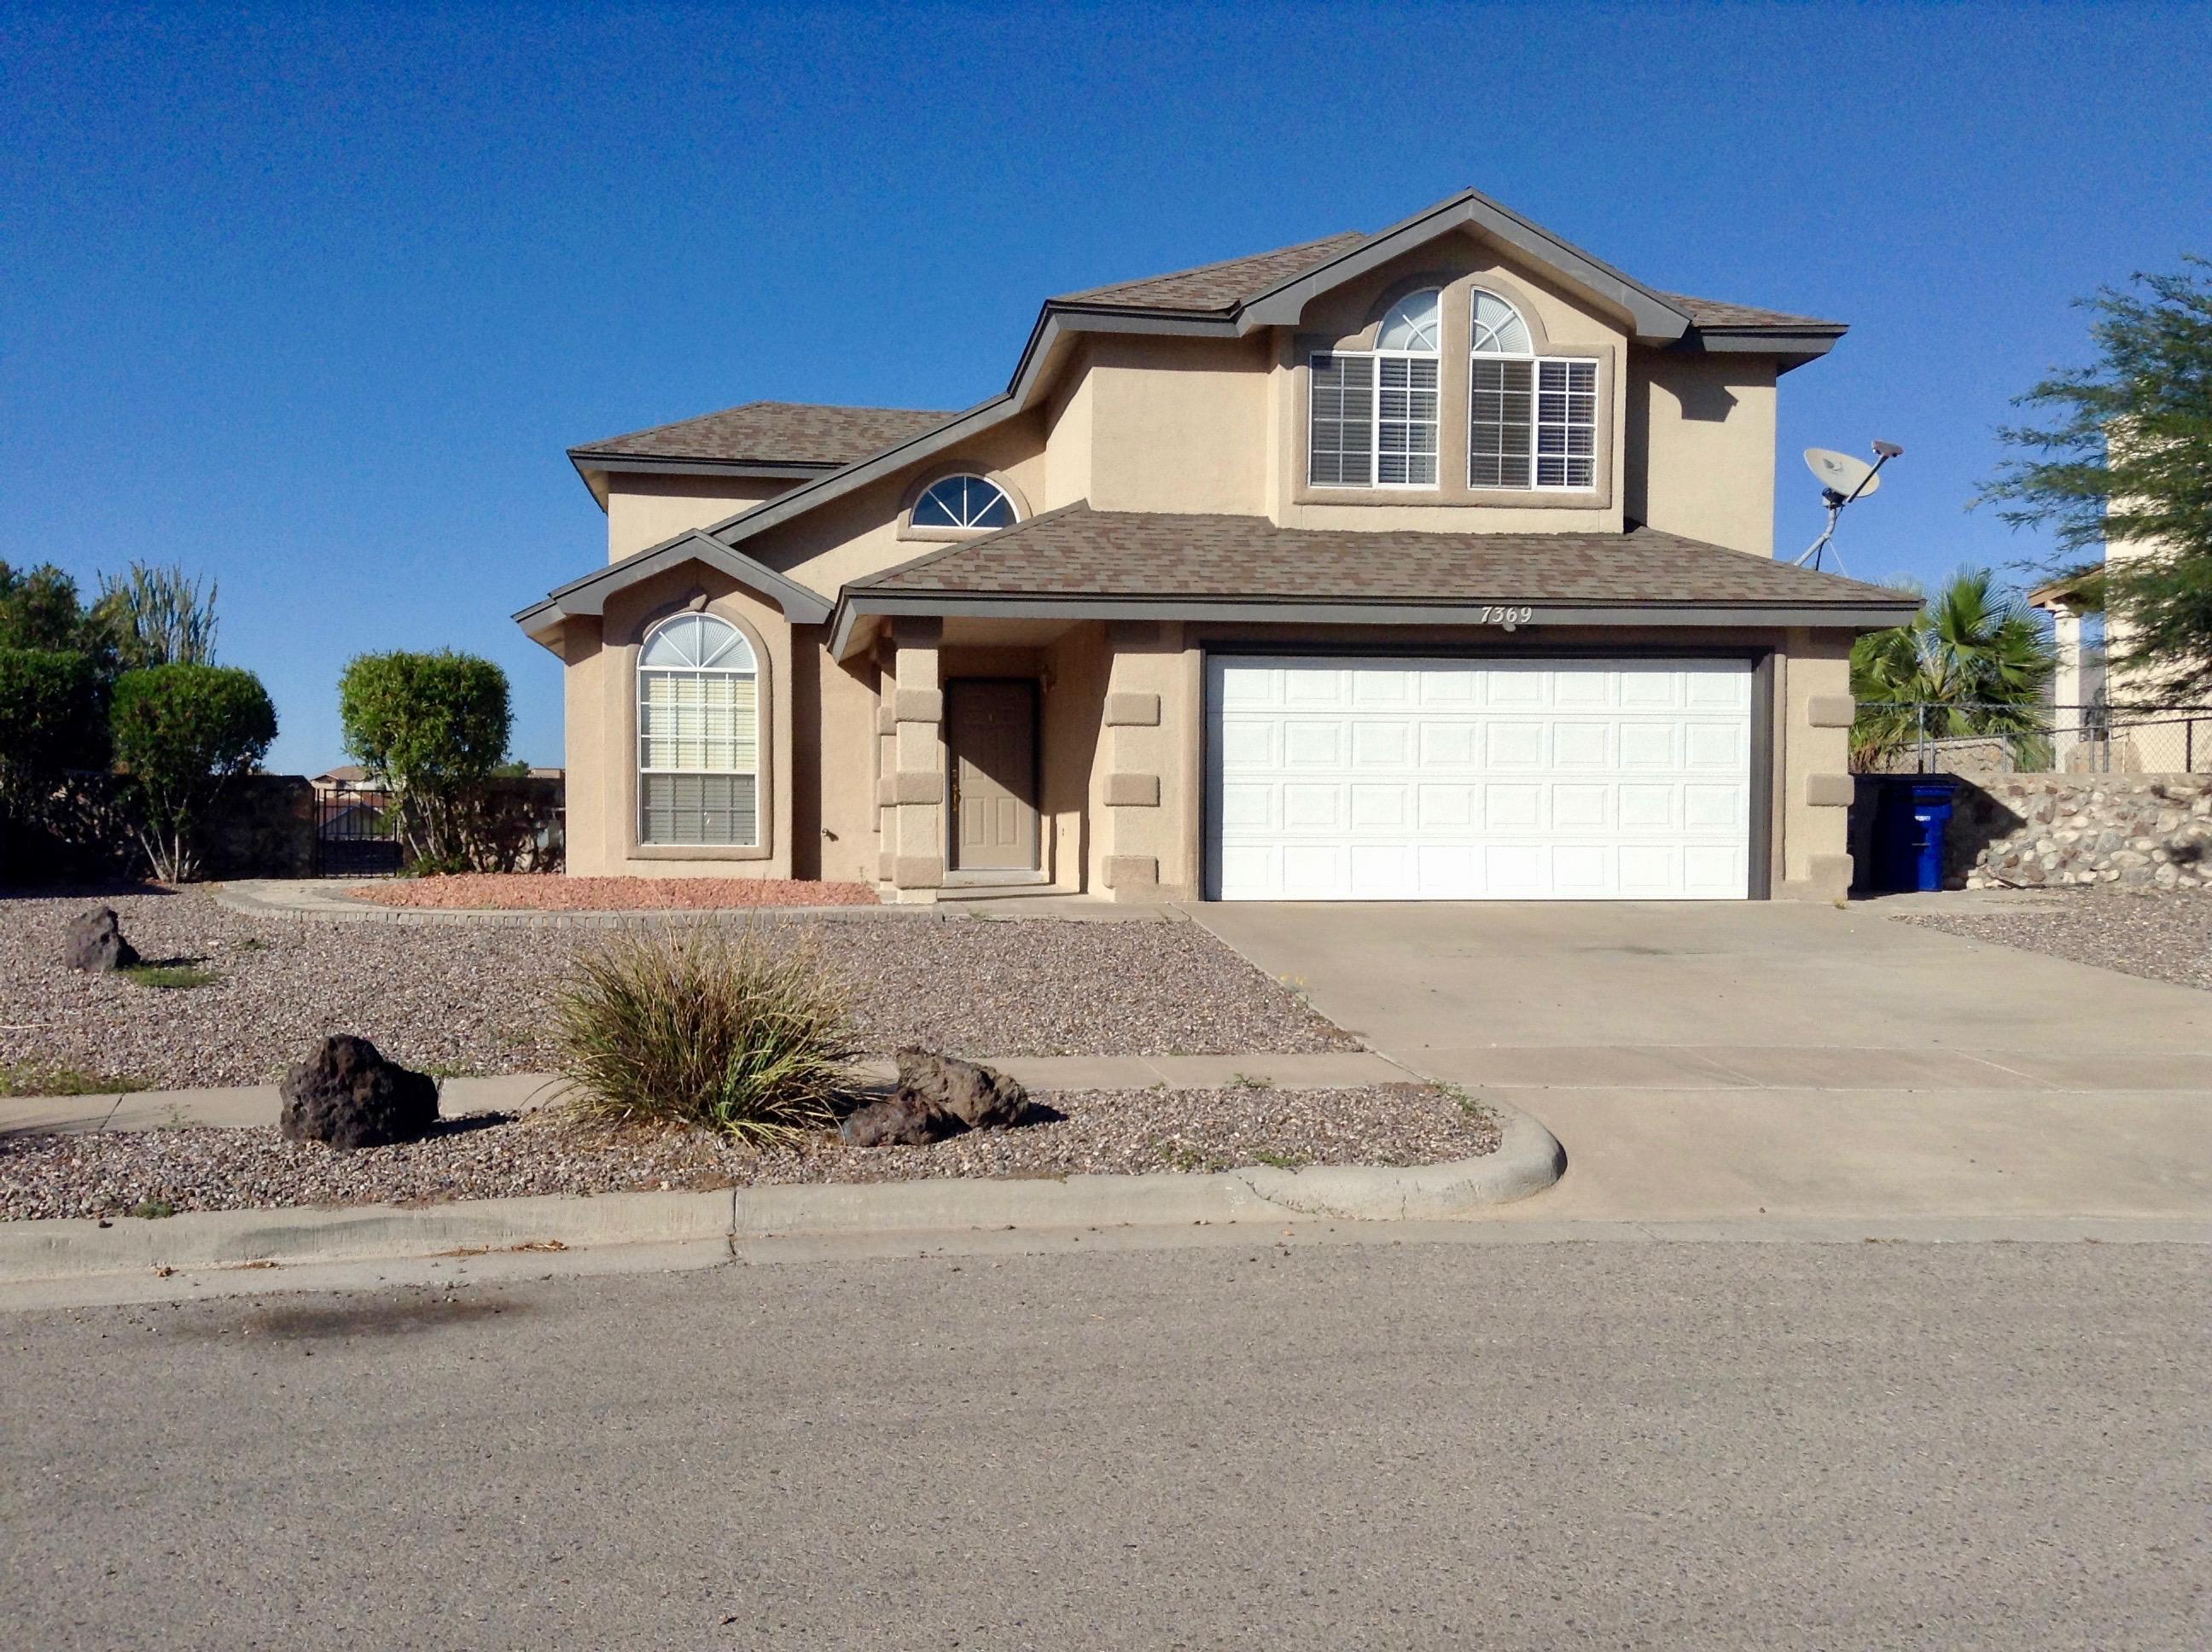 7369 LUZ DE LUMBRE Avenue, El Paso, Texas 79912, 4 Bedrooms Bedrooms, ,3 BathroomsBathrooms,Residential Rental,For Rent,LUZ DE LUMBRE,839017